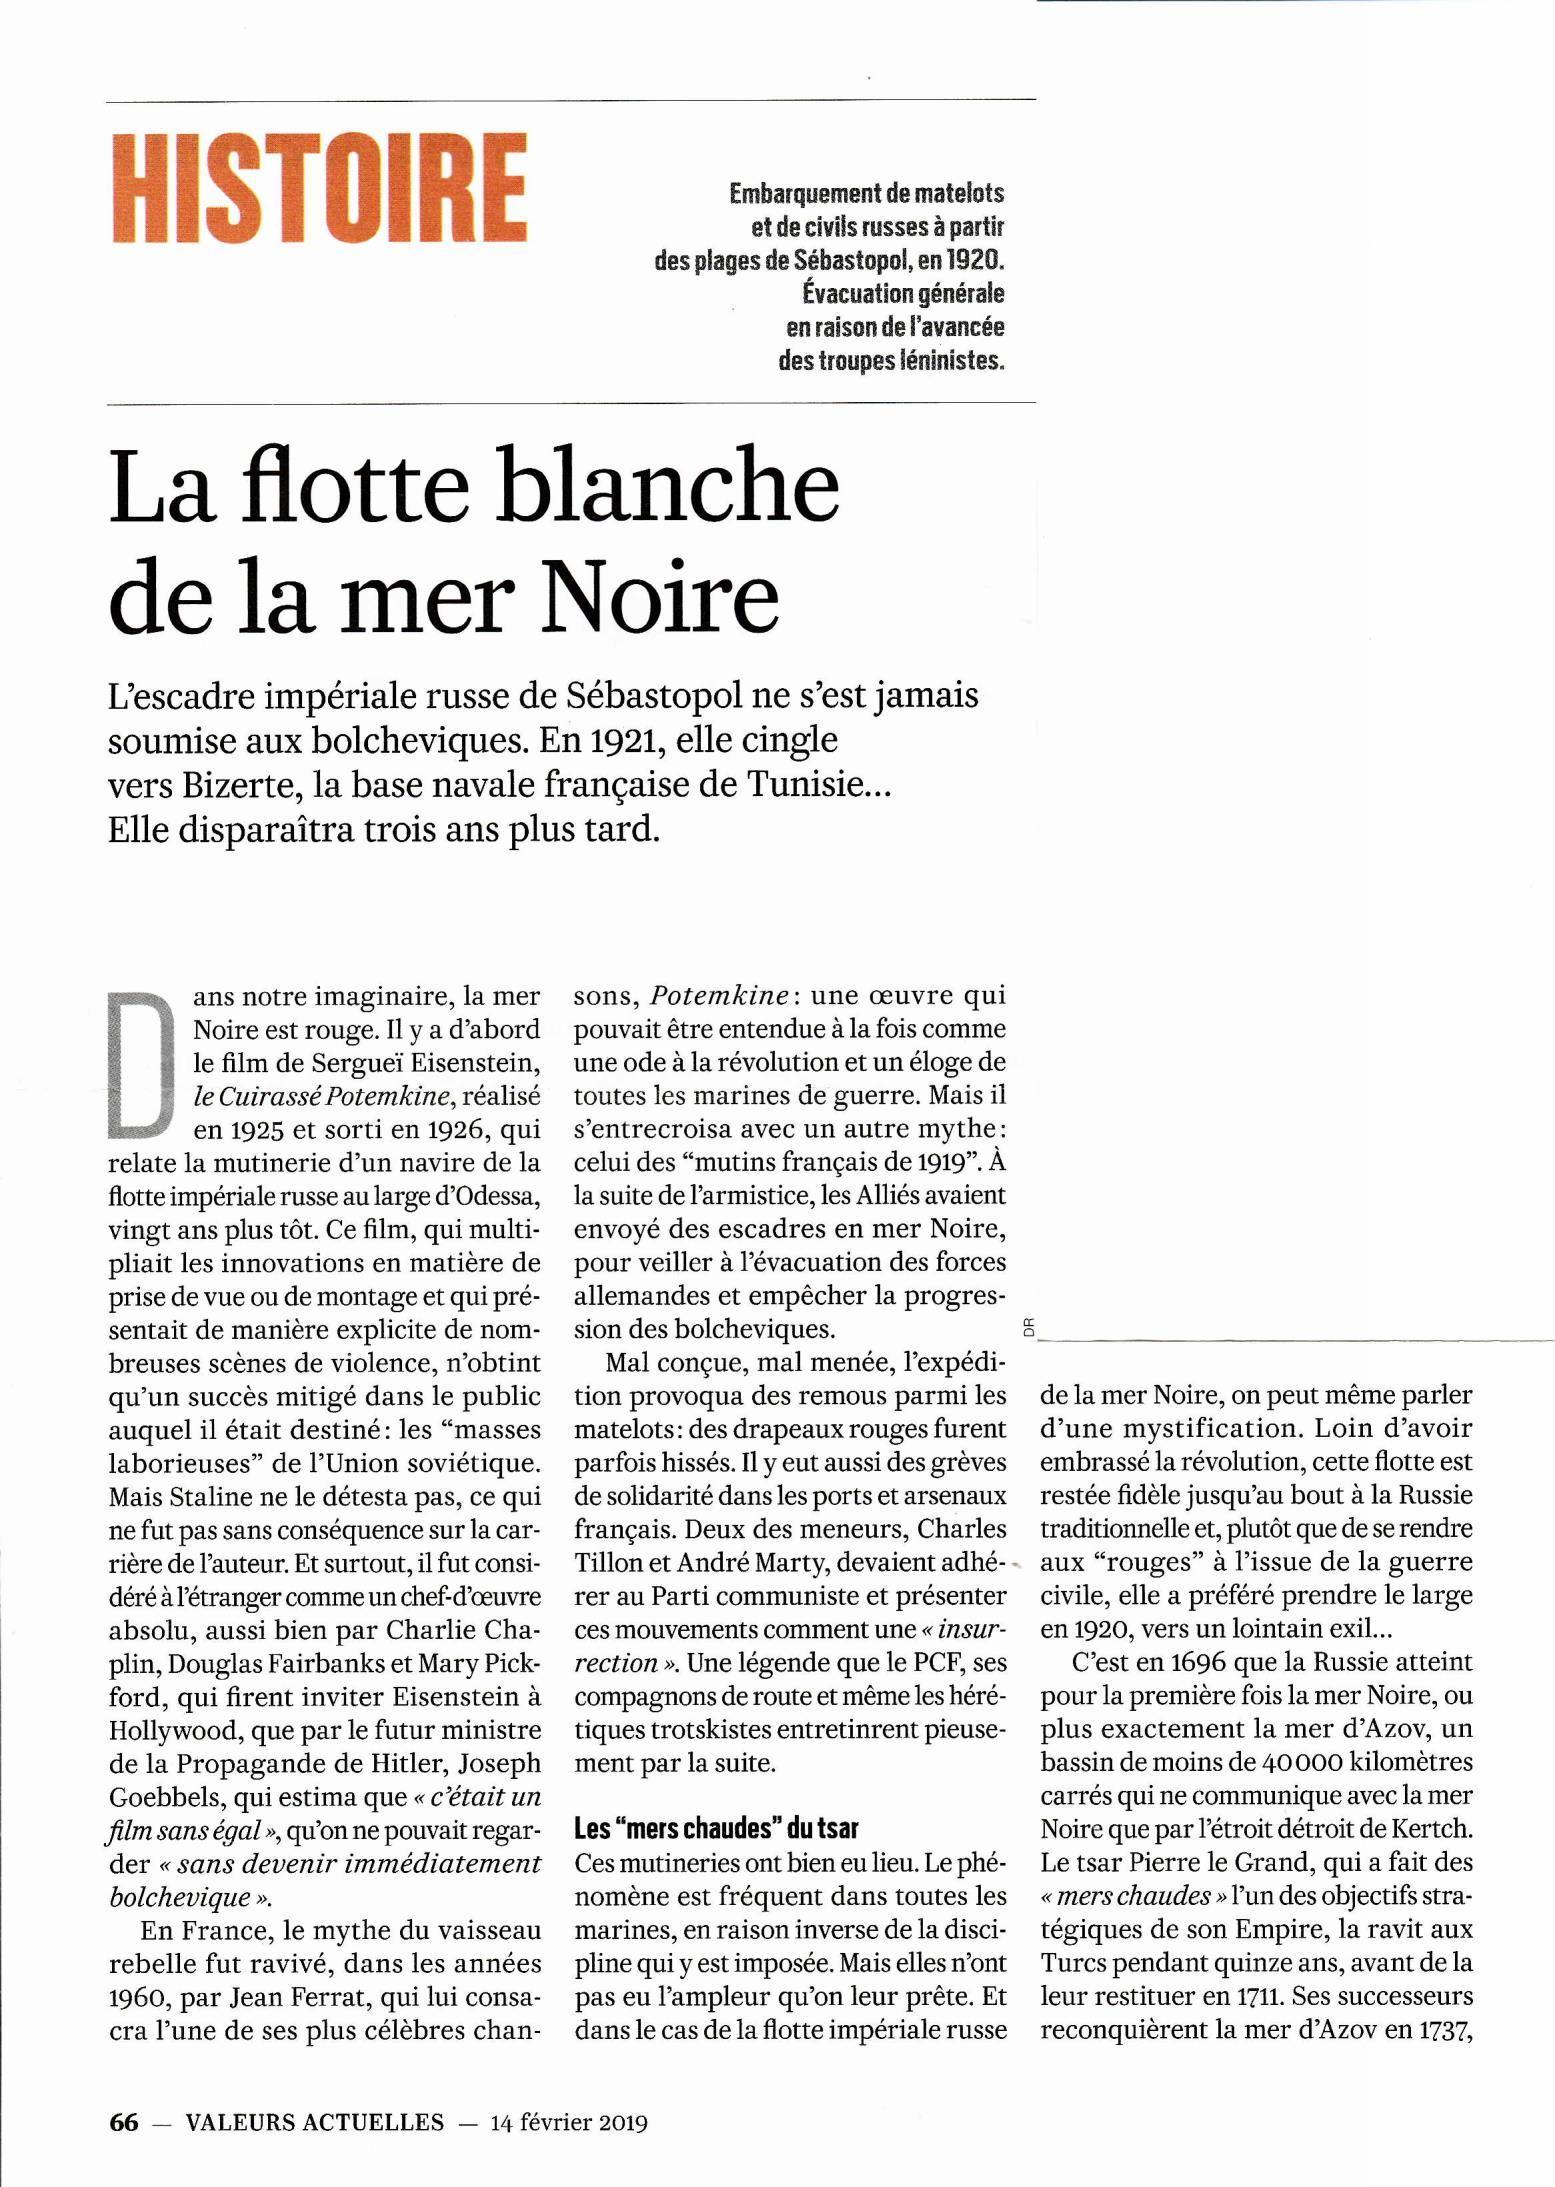 LA FLOTTE BLANCHE DE LA MER NOIRE